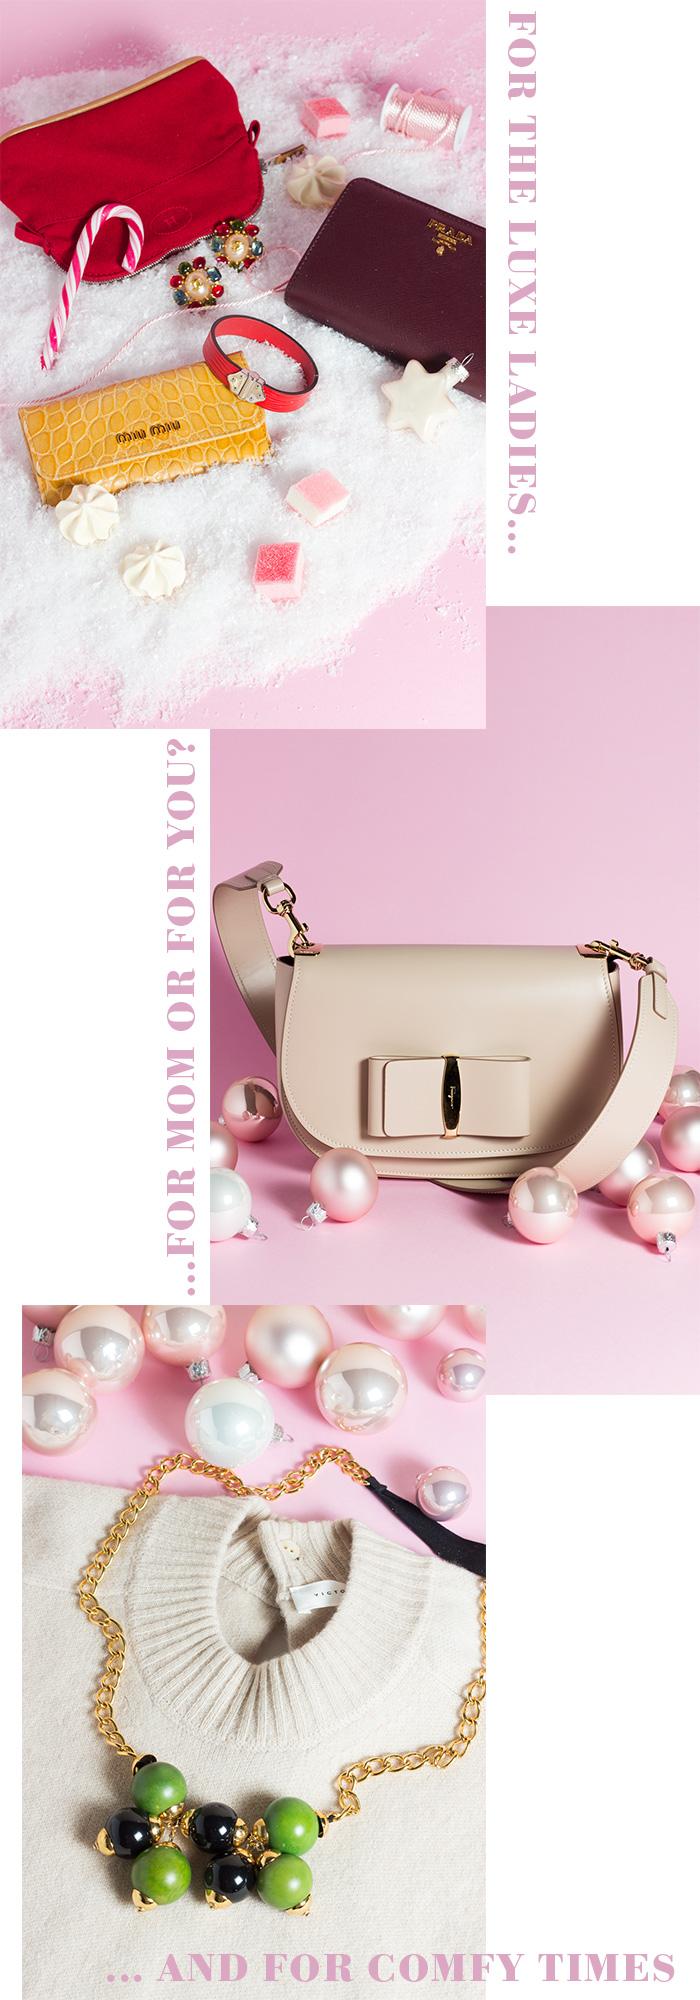 Geschenke-Guide für Sie 2017 - Chanel, Marni, Ferragamo